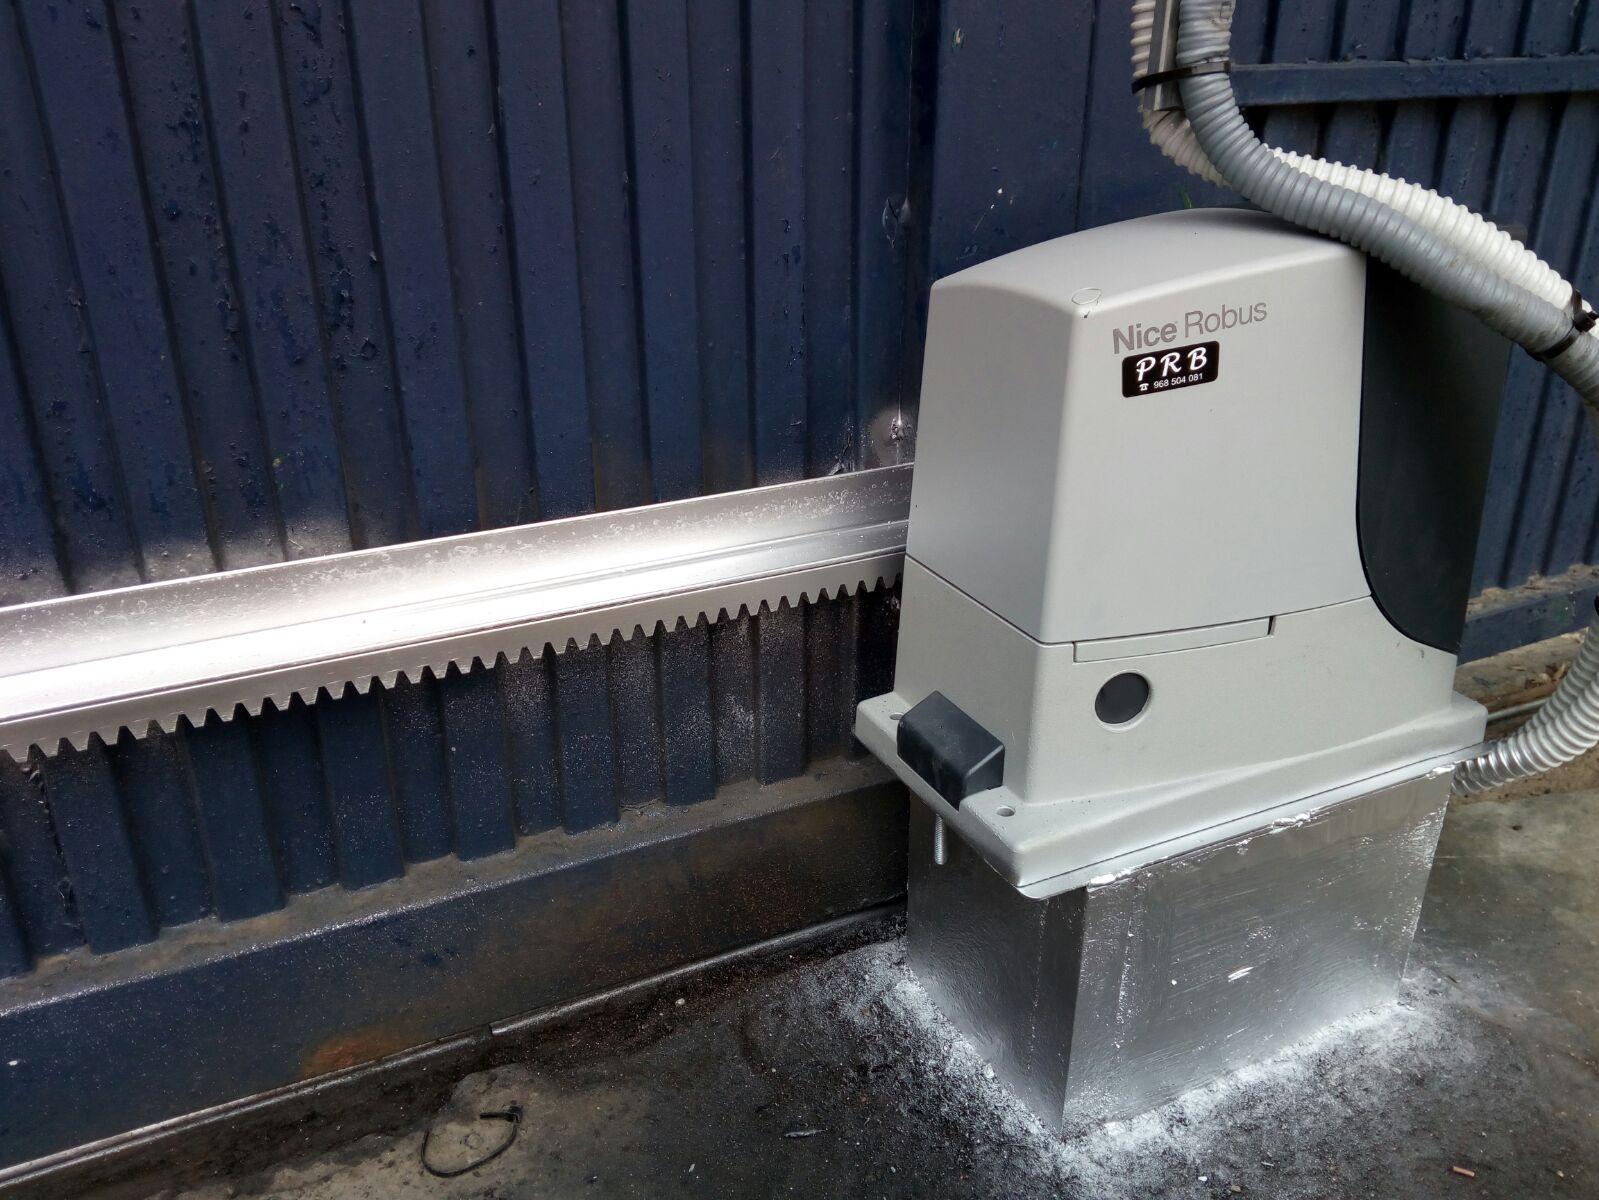 Automatismos prb pesa instalaci n de motor puerta corredera modelo robus 600 en destiler as - Instalacion de puerta corredera ...